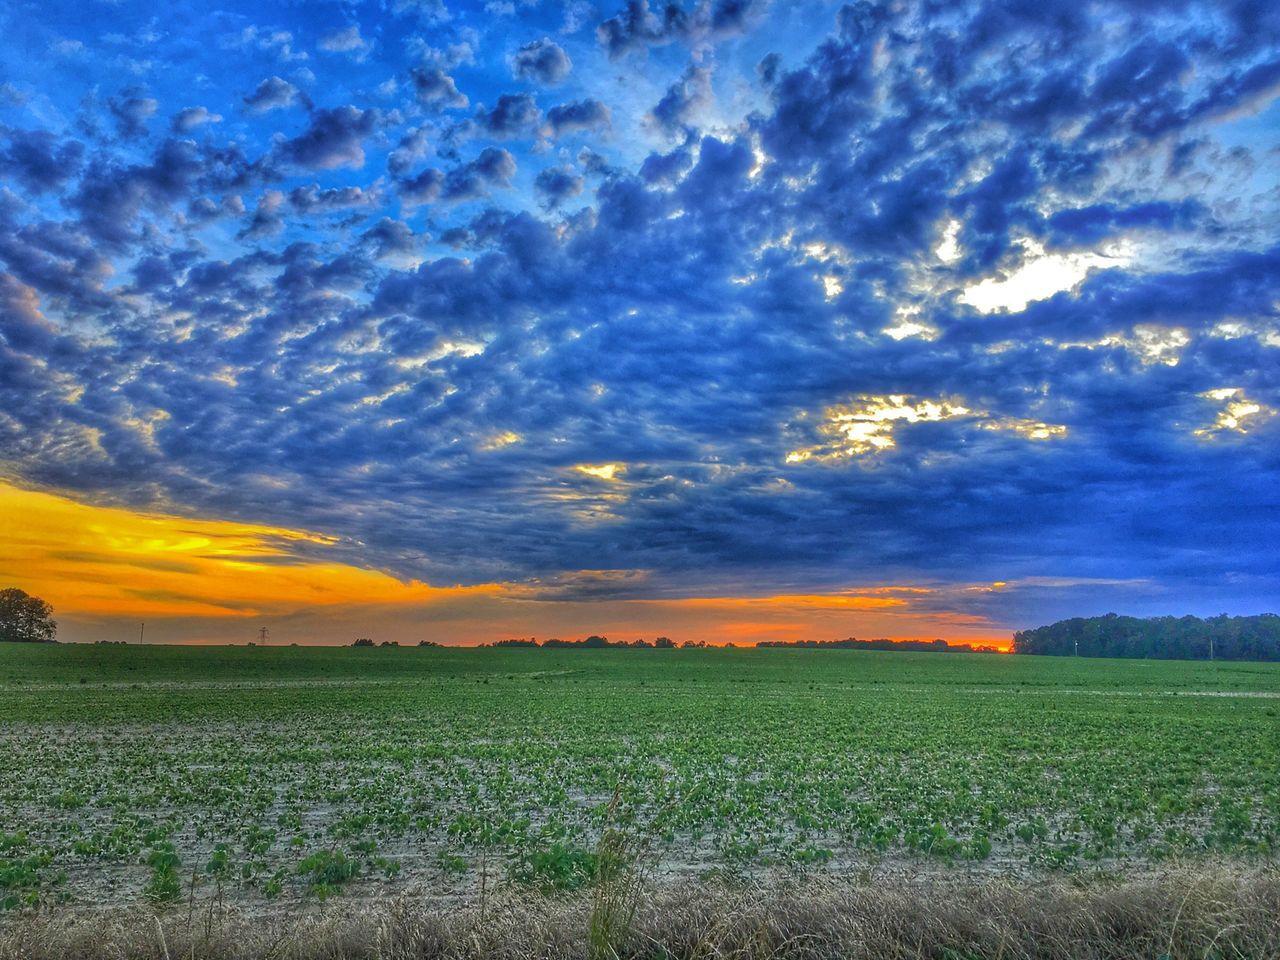 Ohio, The Beautiful